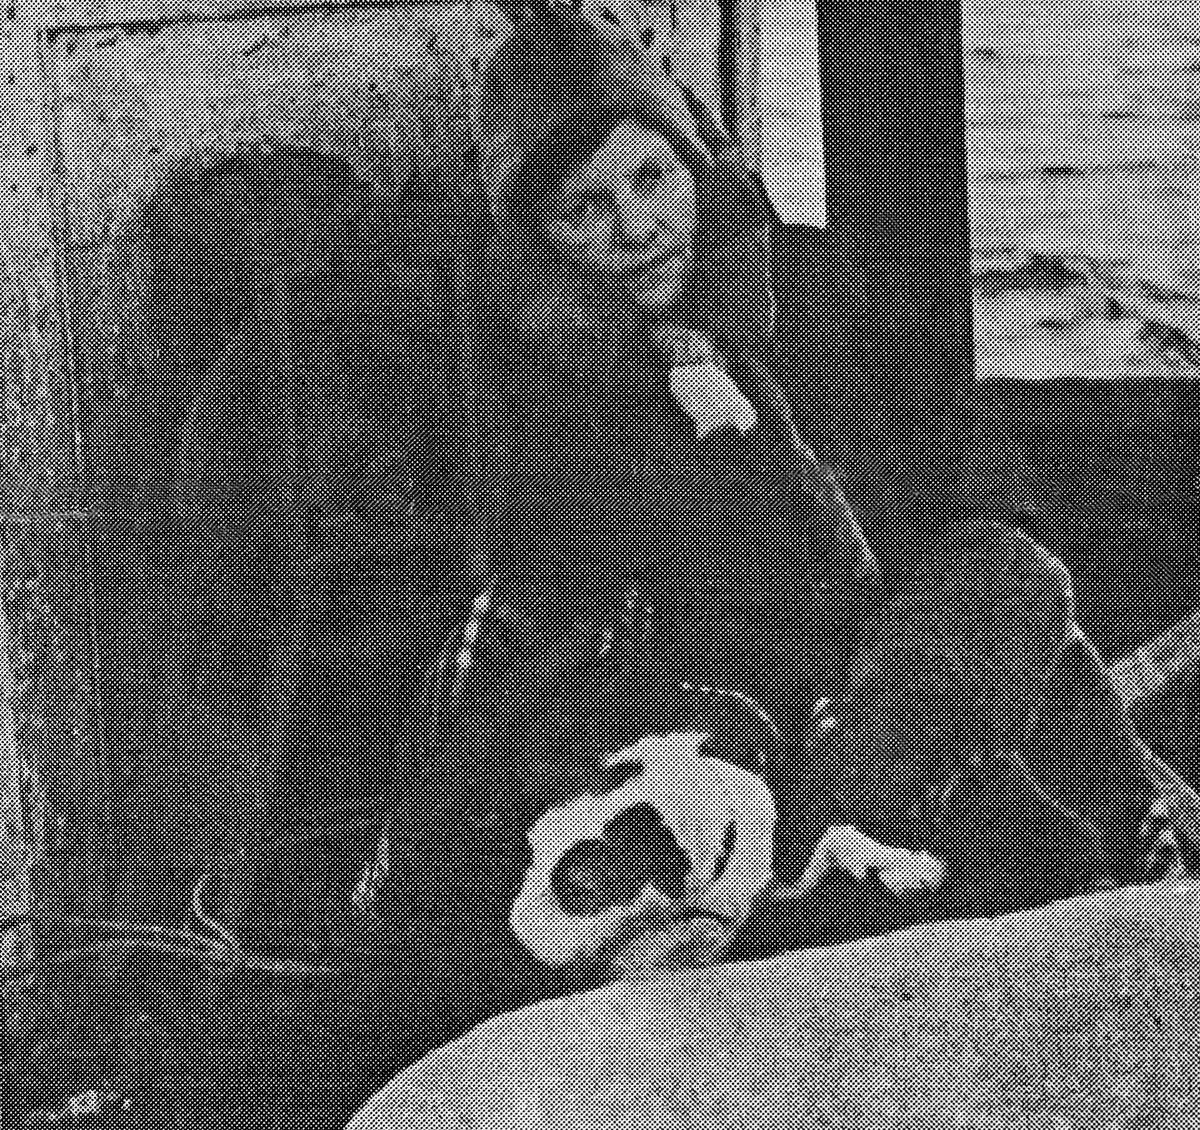 Bilde av Golla Fuglevik fra evakueringa høsten 1944. Hun er på vei i båt fra Berlevåg til Syltefjord.Hun sitter foran rorhuset. På seg har hun pelslue og kåpe med pelskrave. Hun sitter på et rutet pledd.